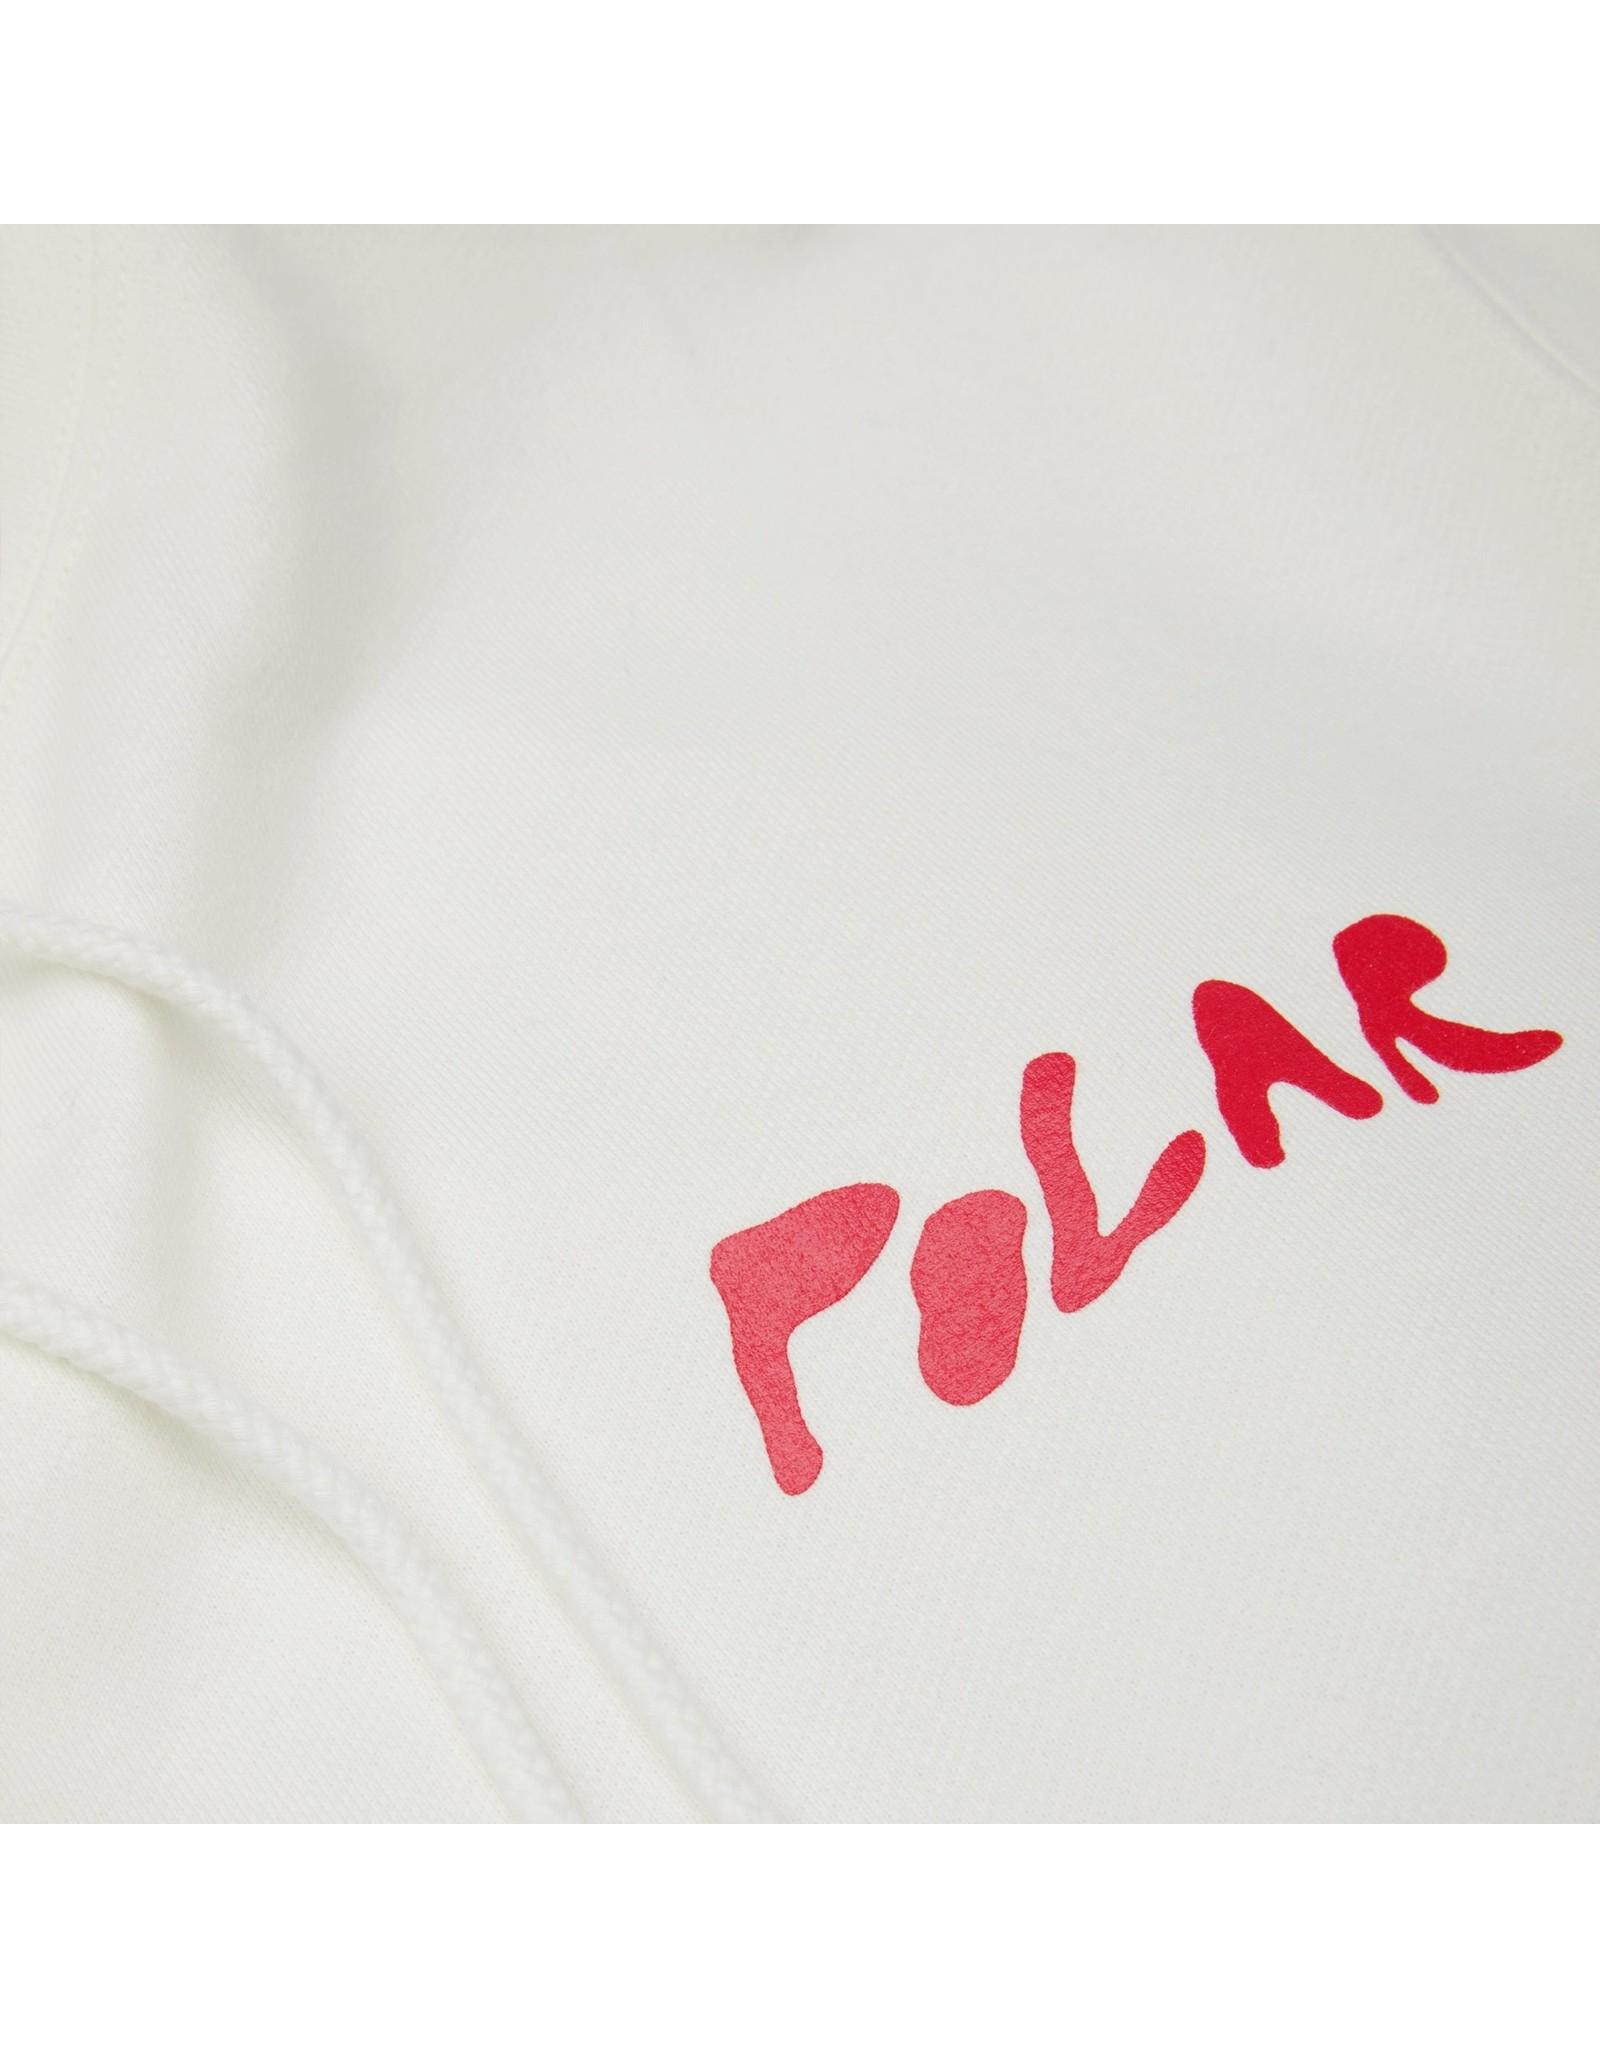 POLAR POLAR - ELVIRA HOODIE - WHITE - XL